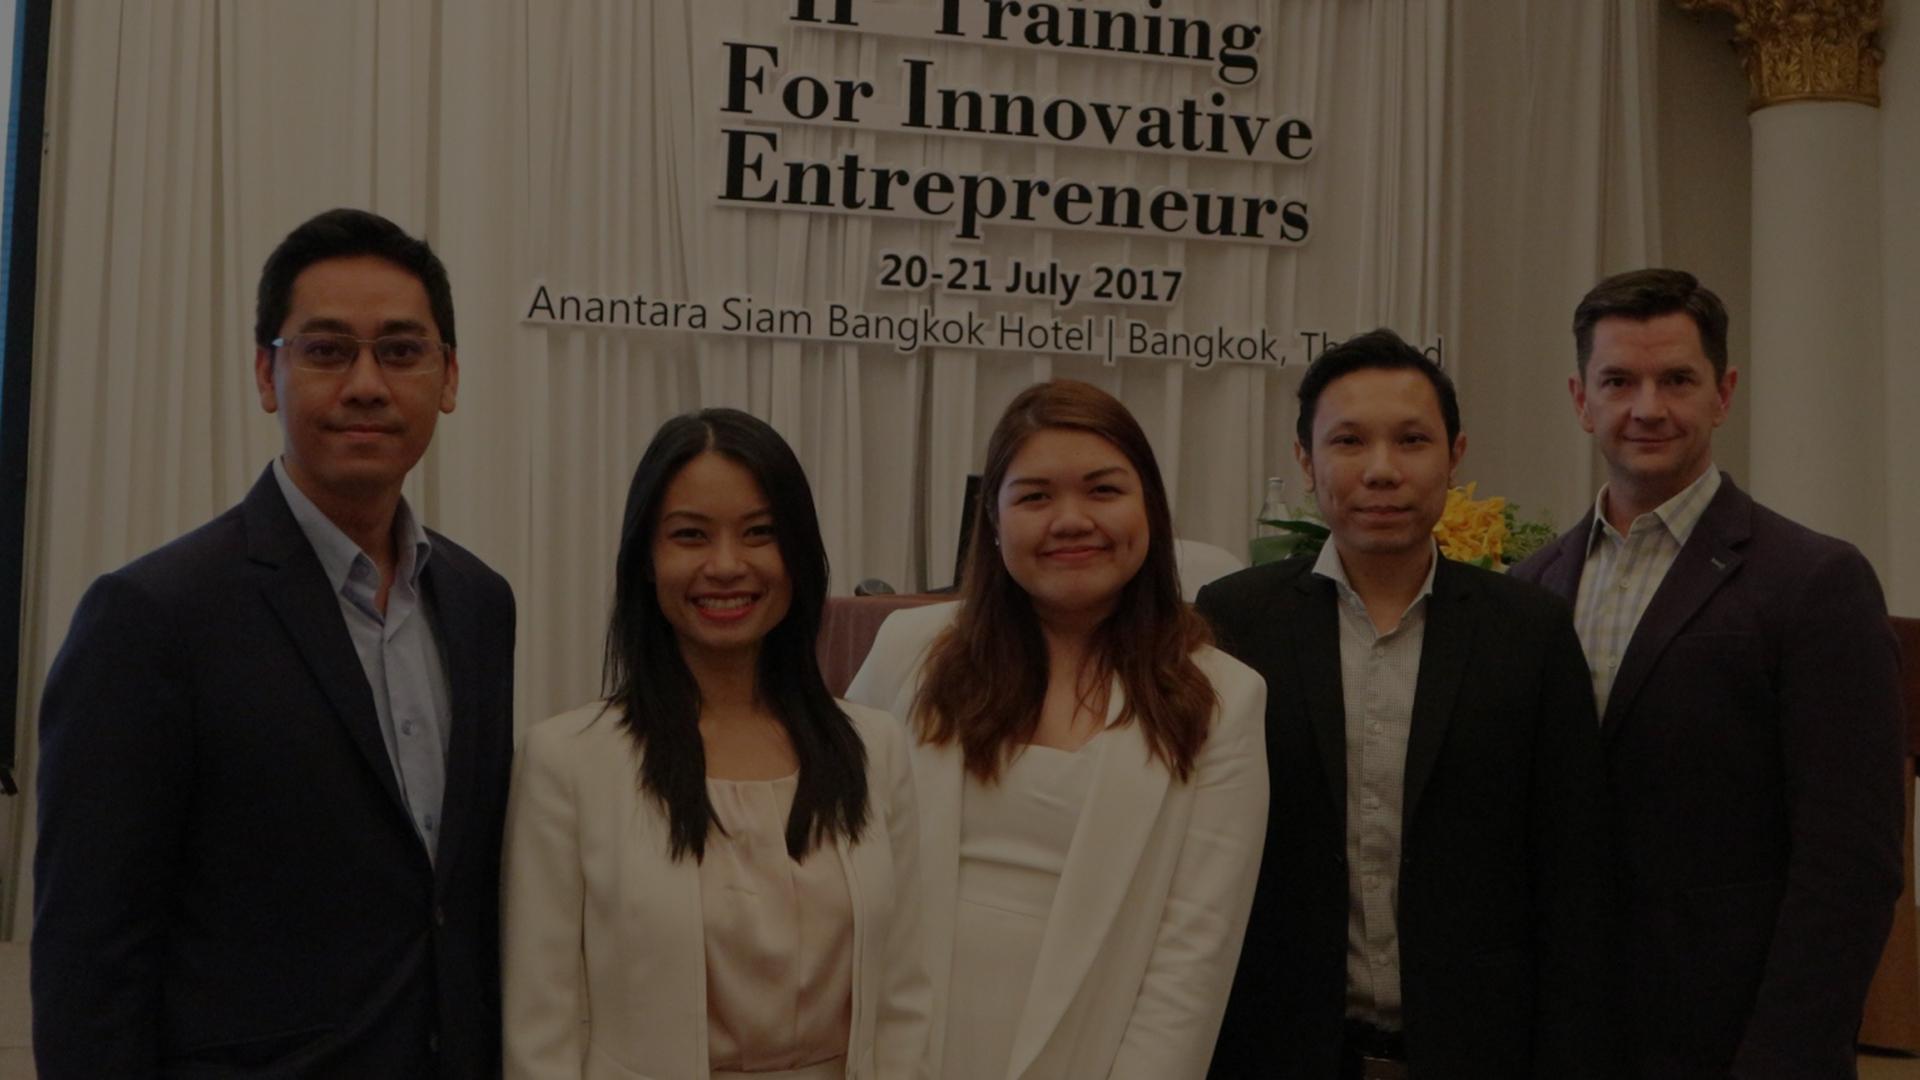 IP Training for Innovative Entrepreneurs